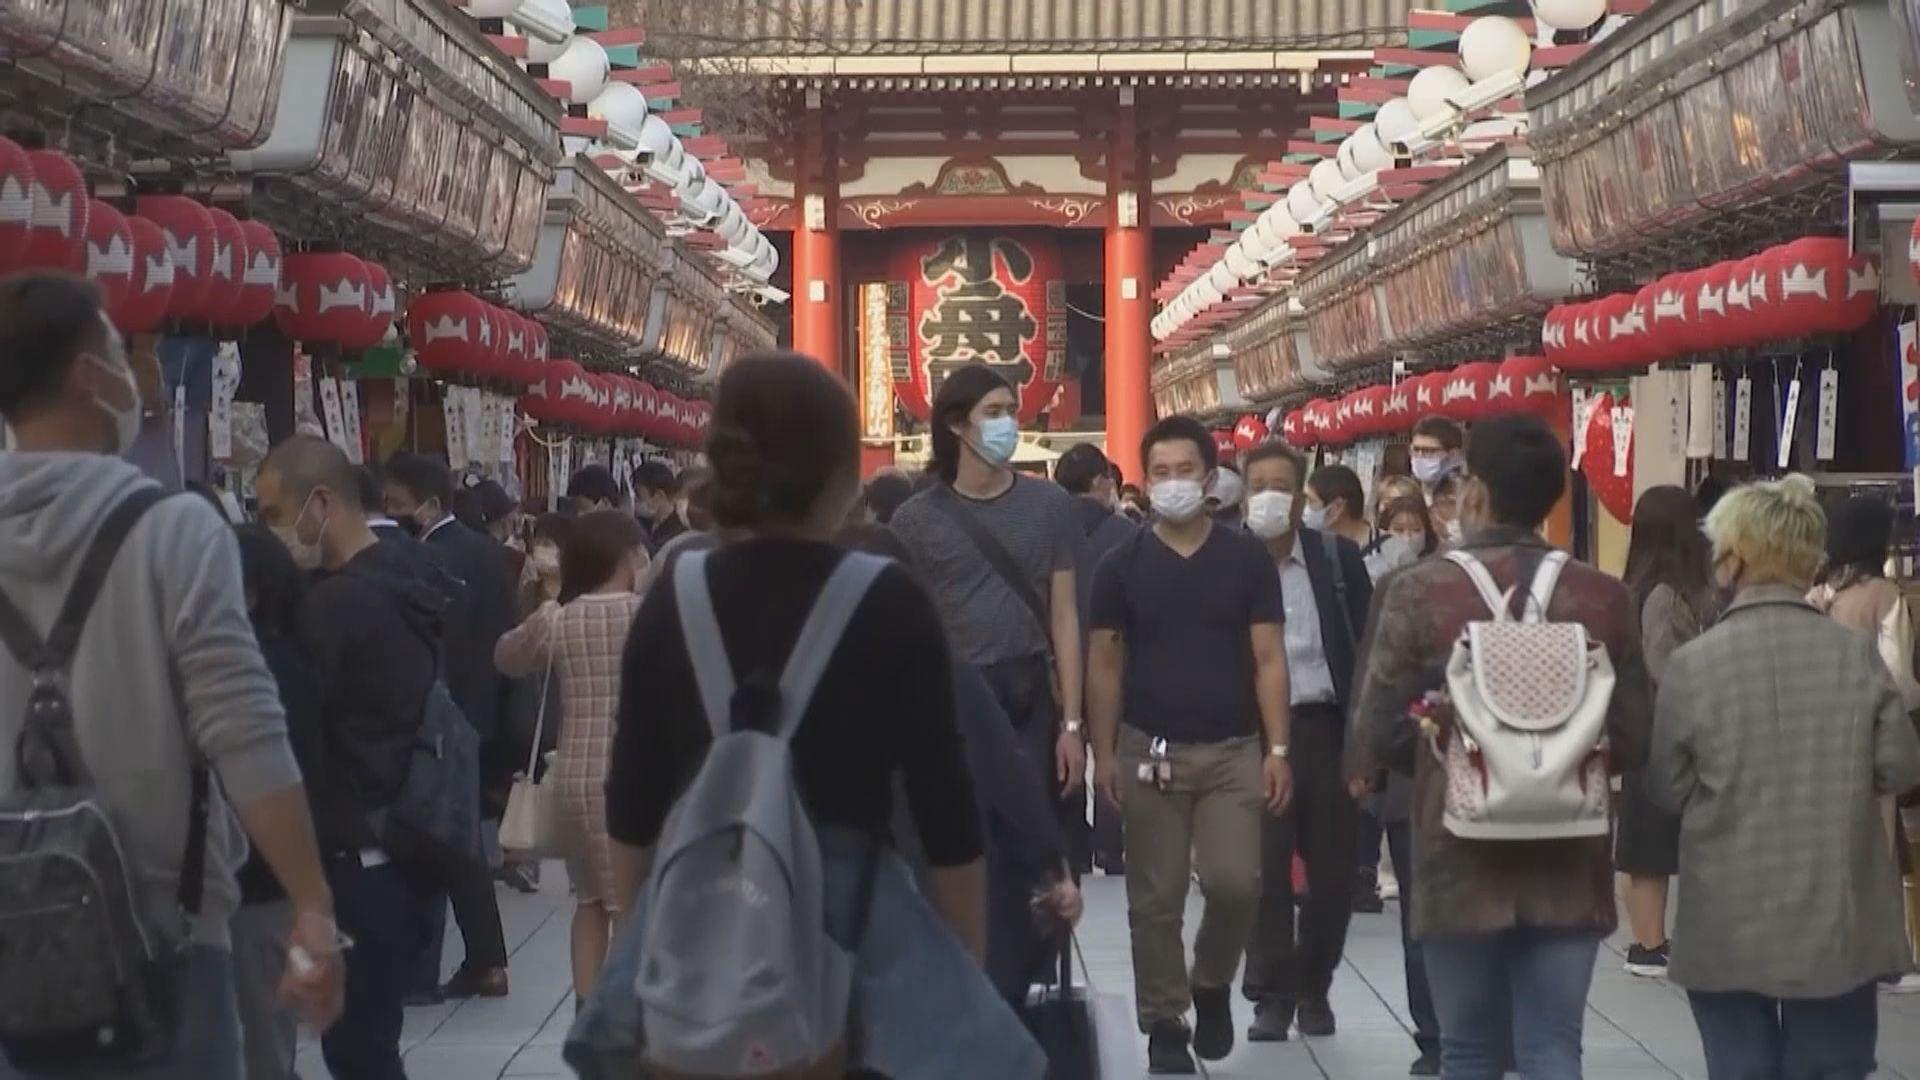 日本當局指三周內疫情無緩和 將考慮頒布緊急狀態